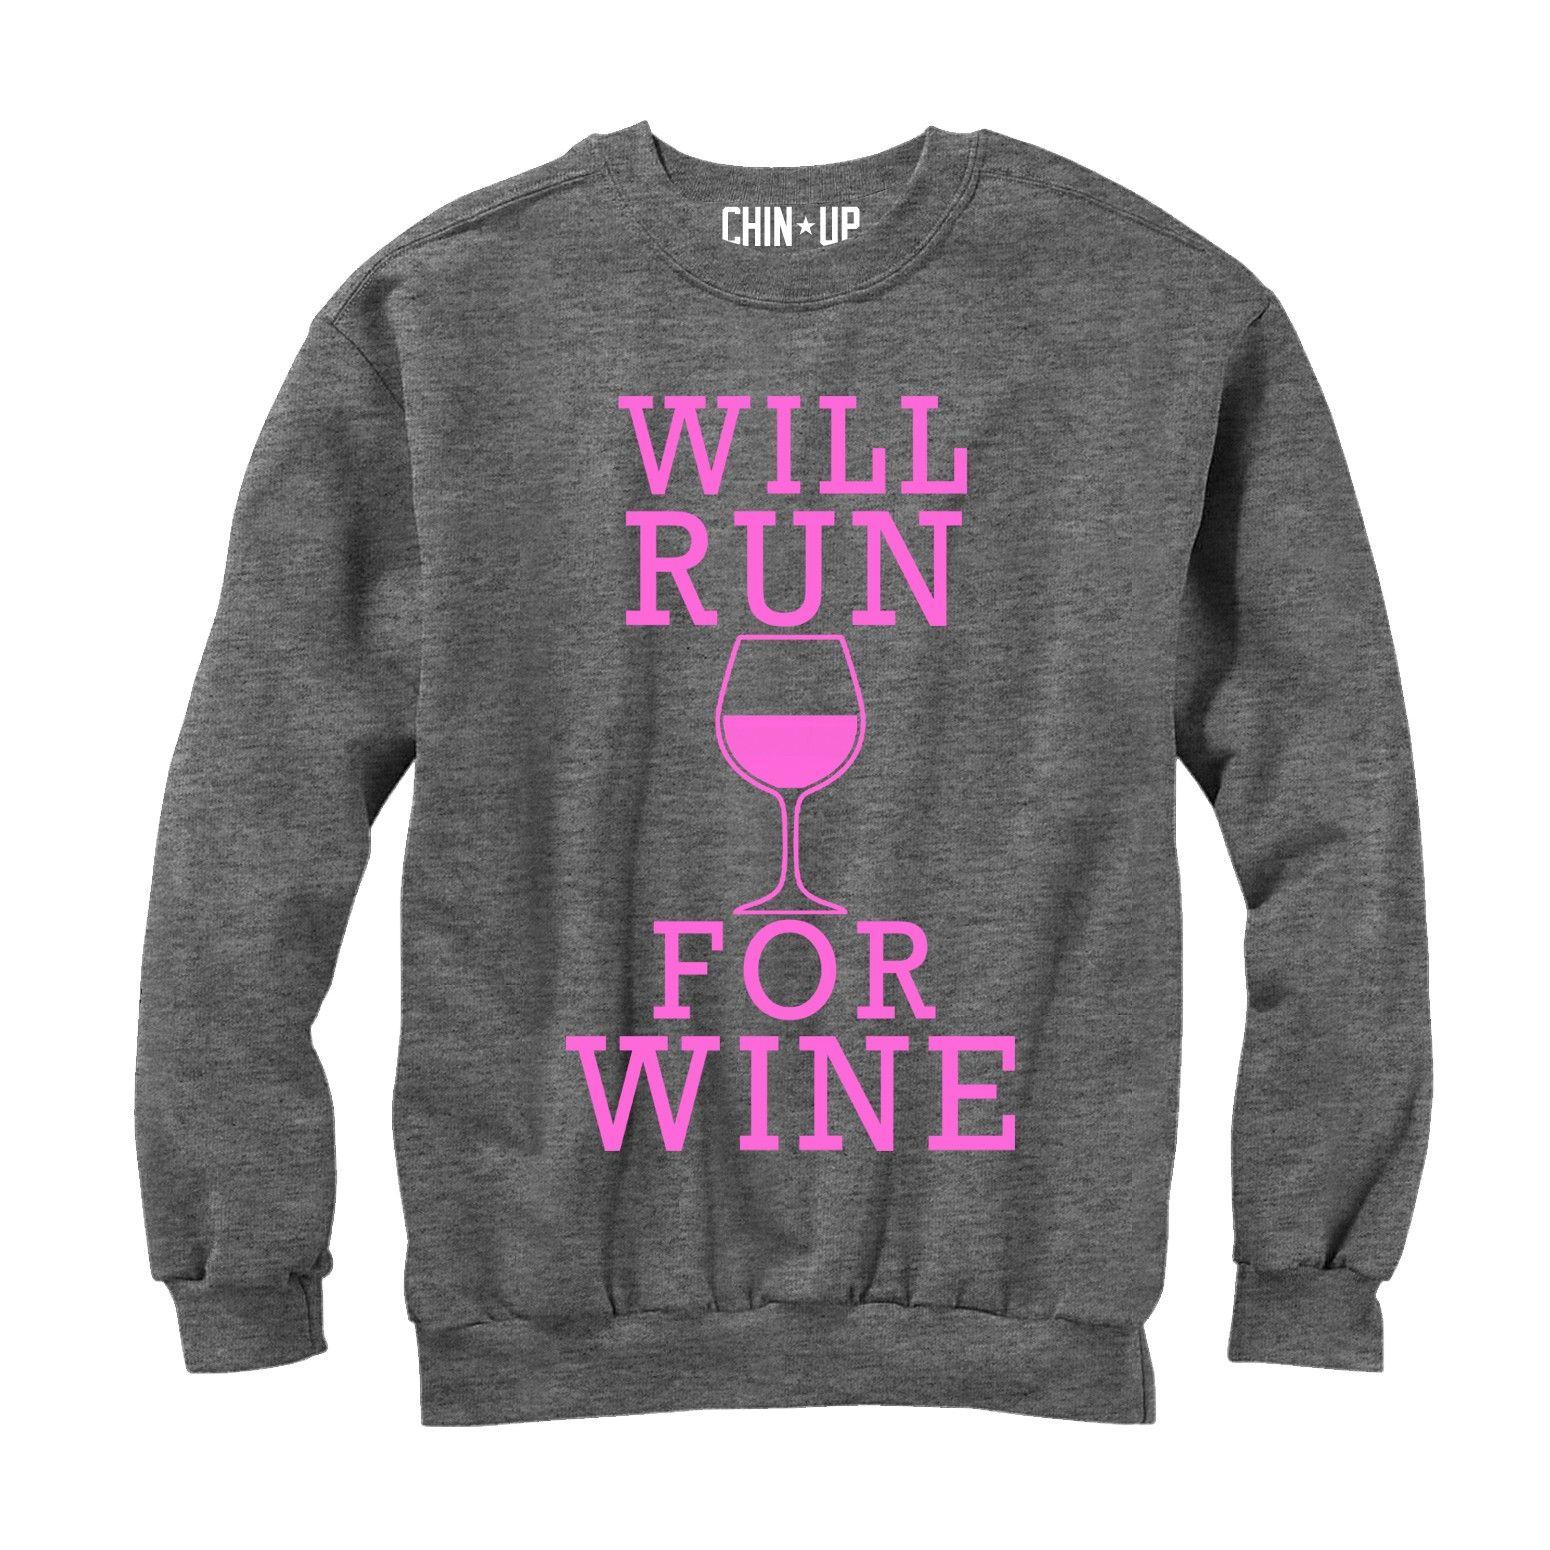 CHIN UP Women's - Will Run For Wine Sweatshirt #workout #fitness #run #running #runner #wine